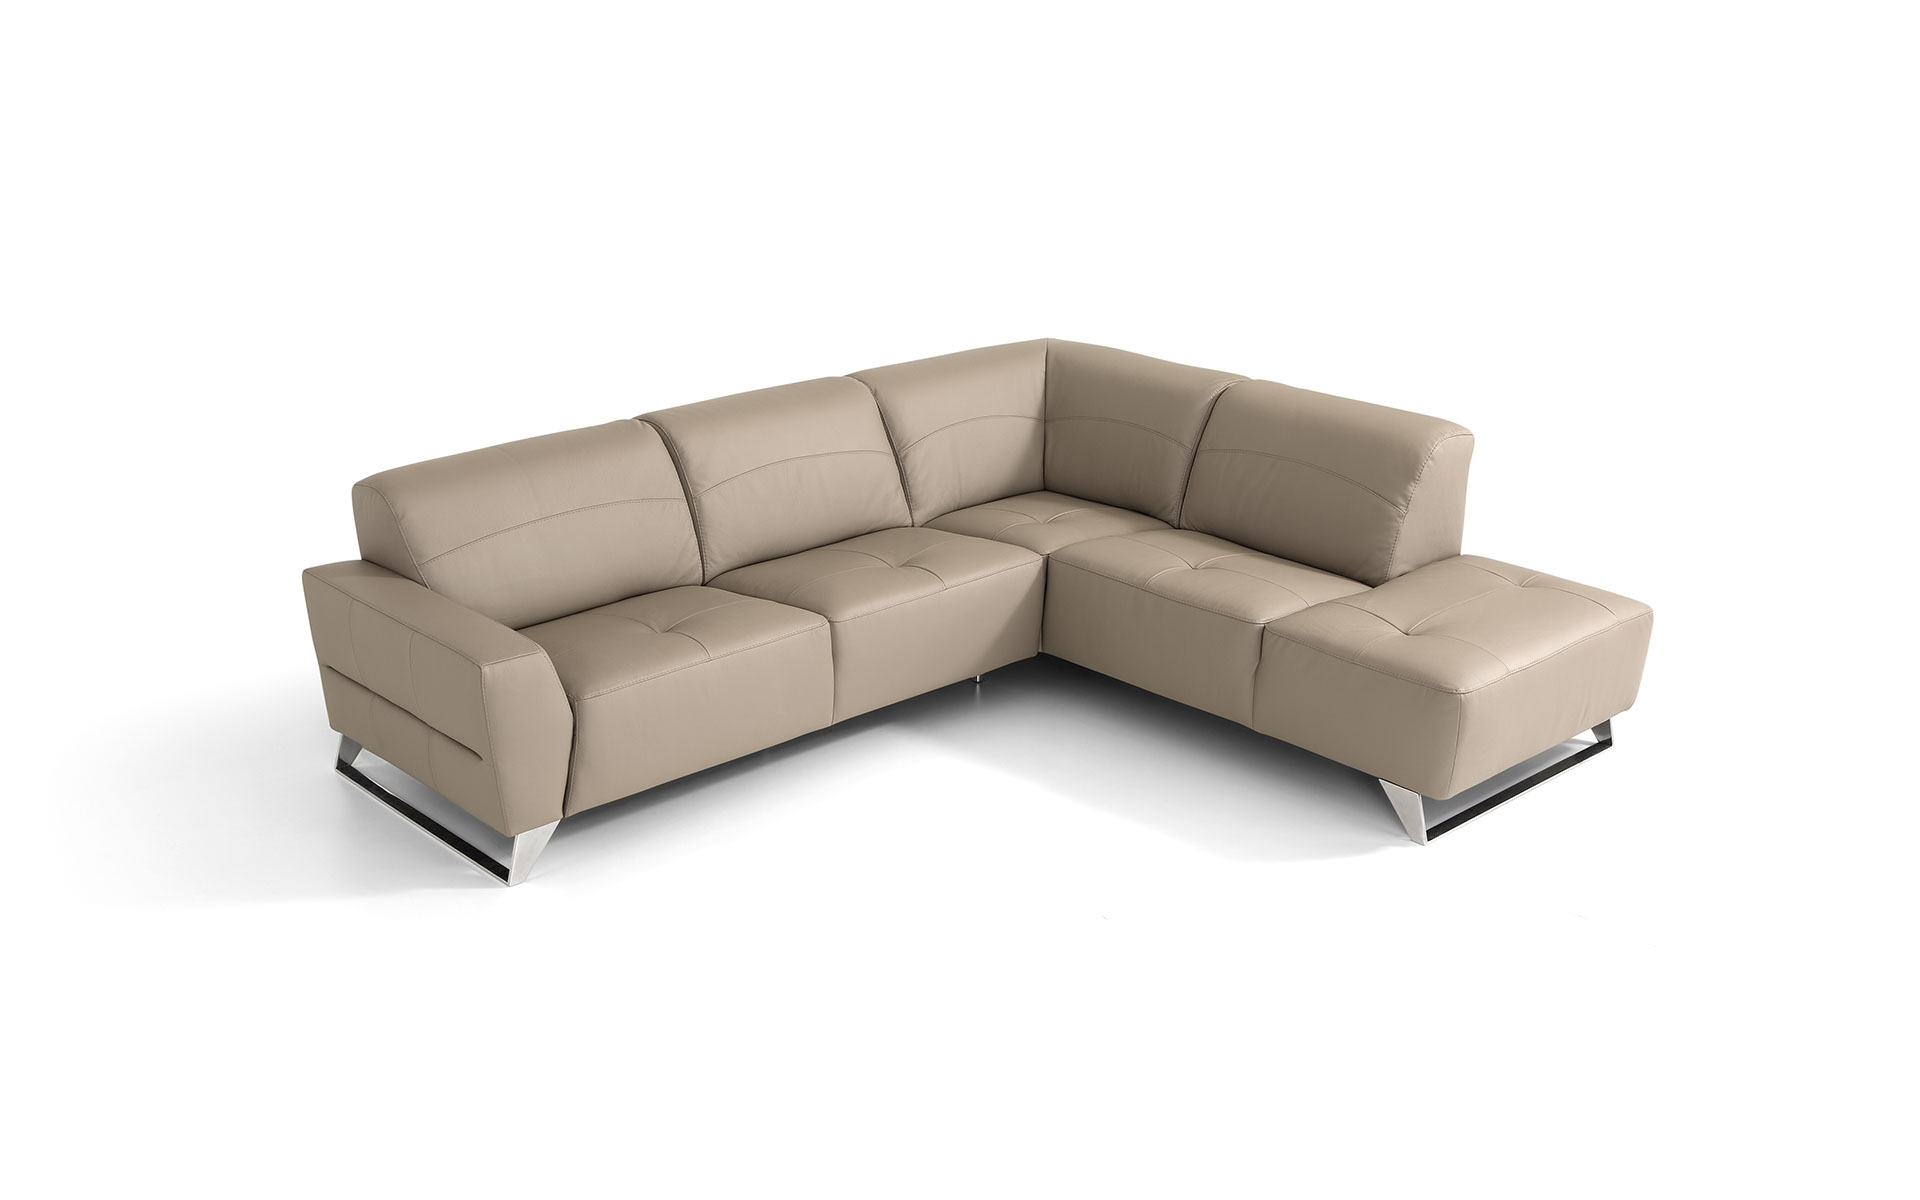 Divano angolare in pelle moderno prezzo outlet divani a for Prezzi divani moderni